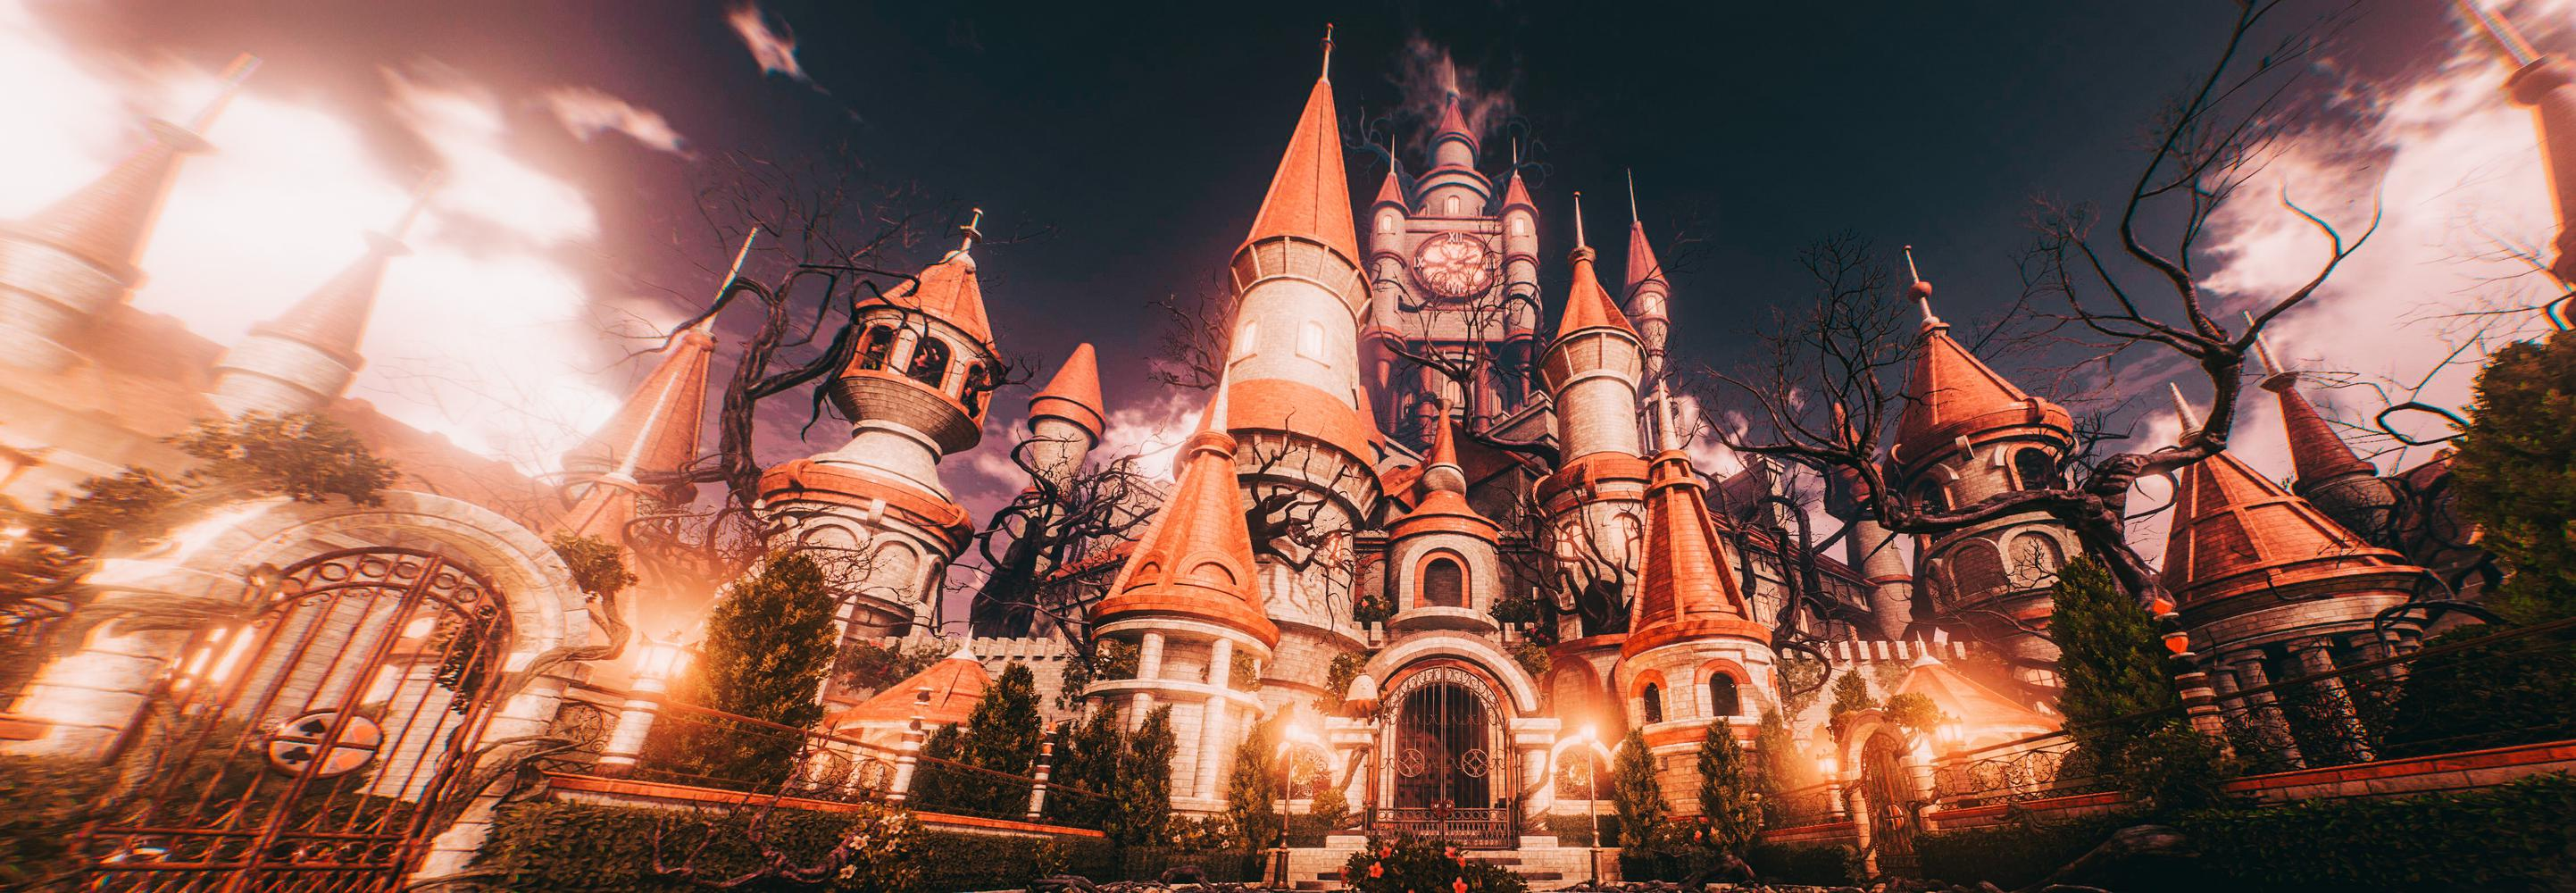 Фотография квеста «Alice and the enchanted time»